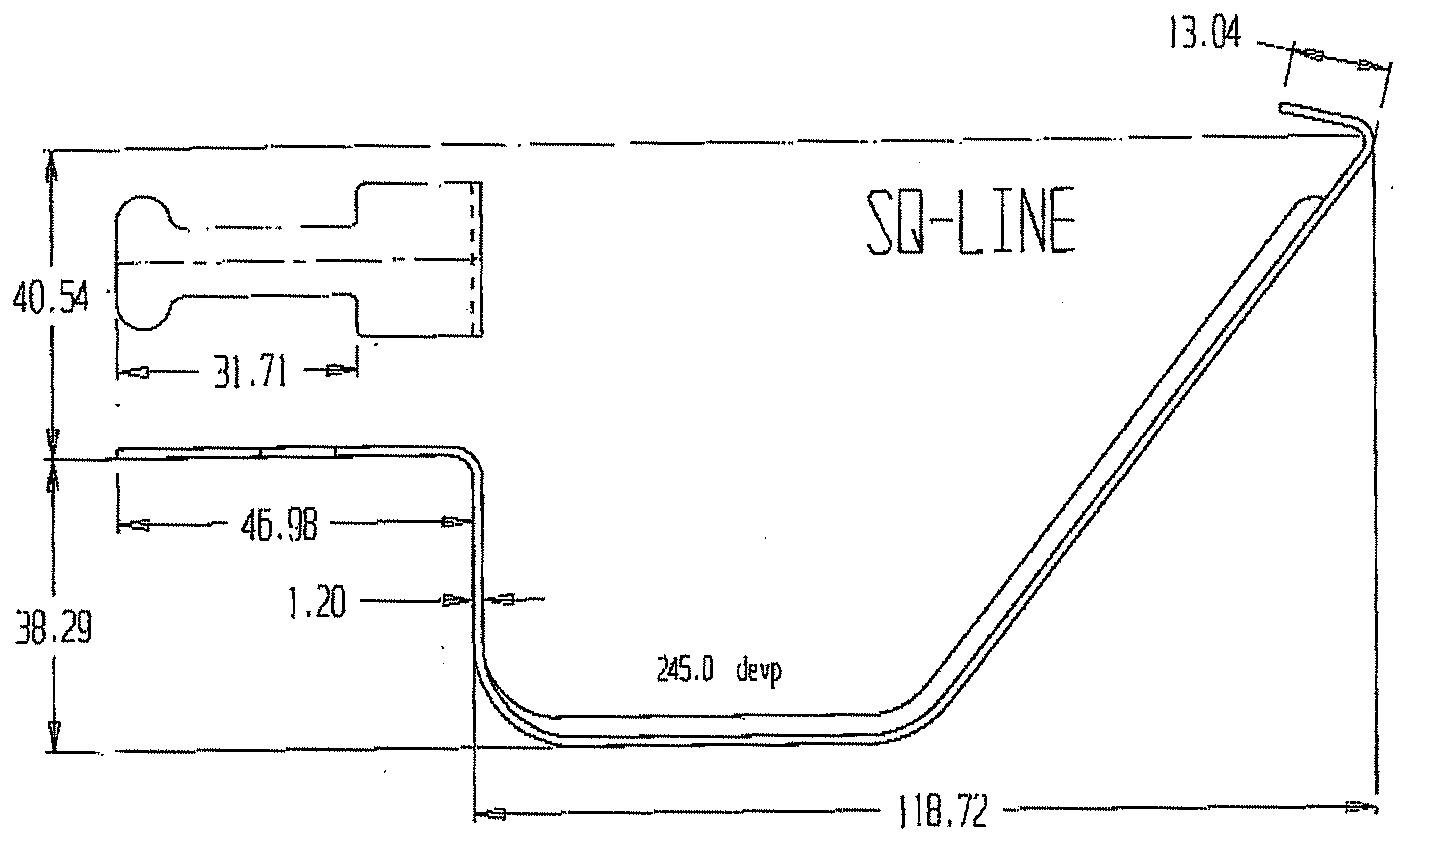 115 Overstrap Interline Manufacturing